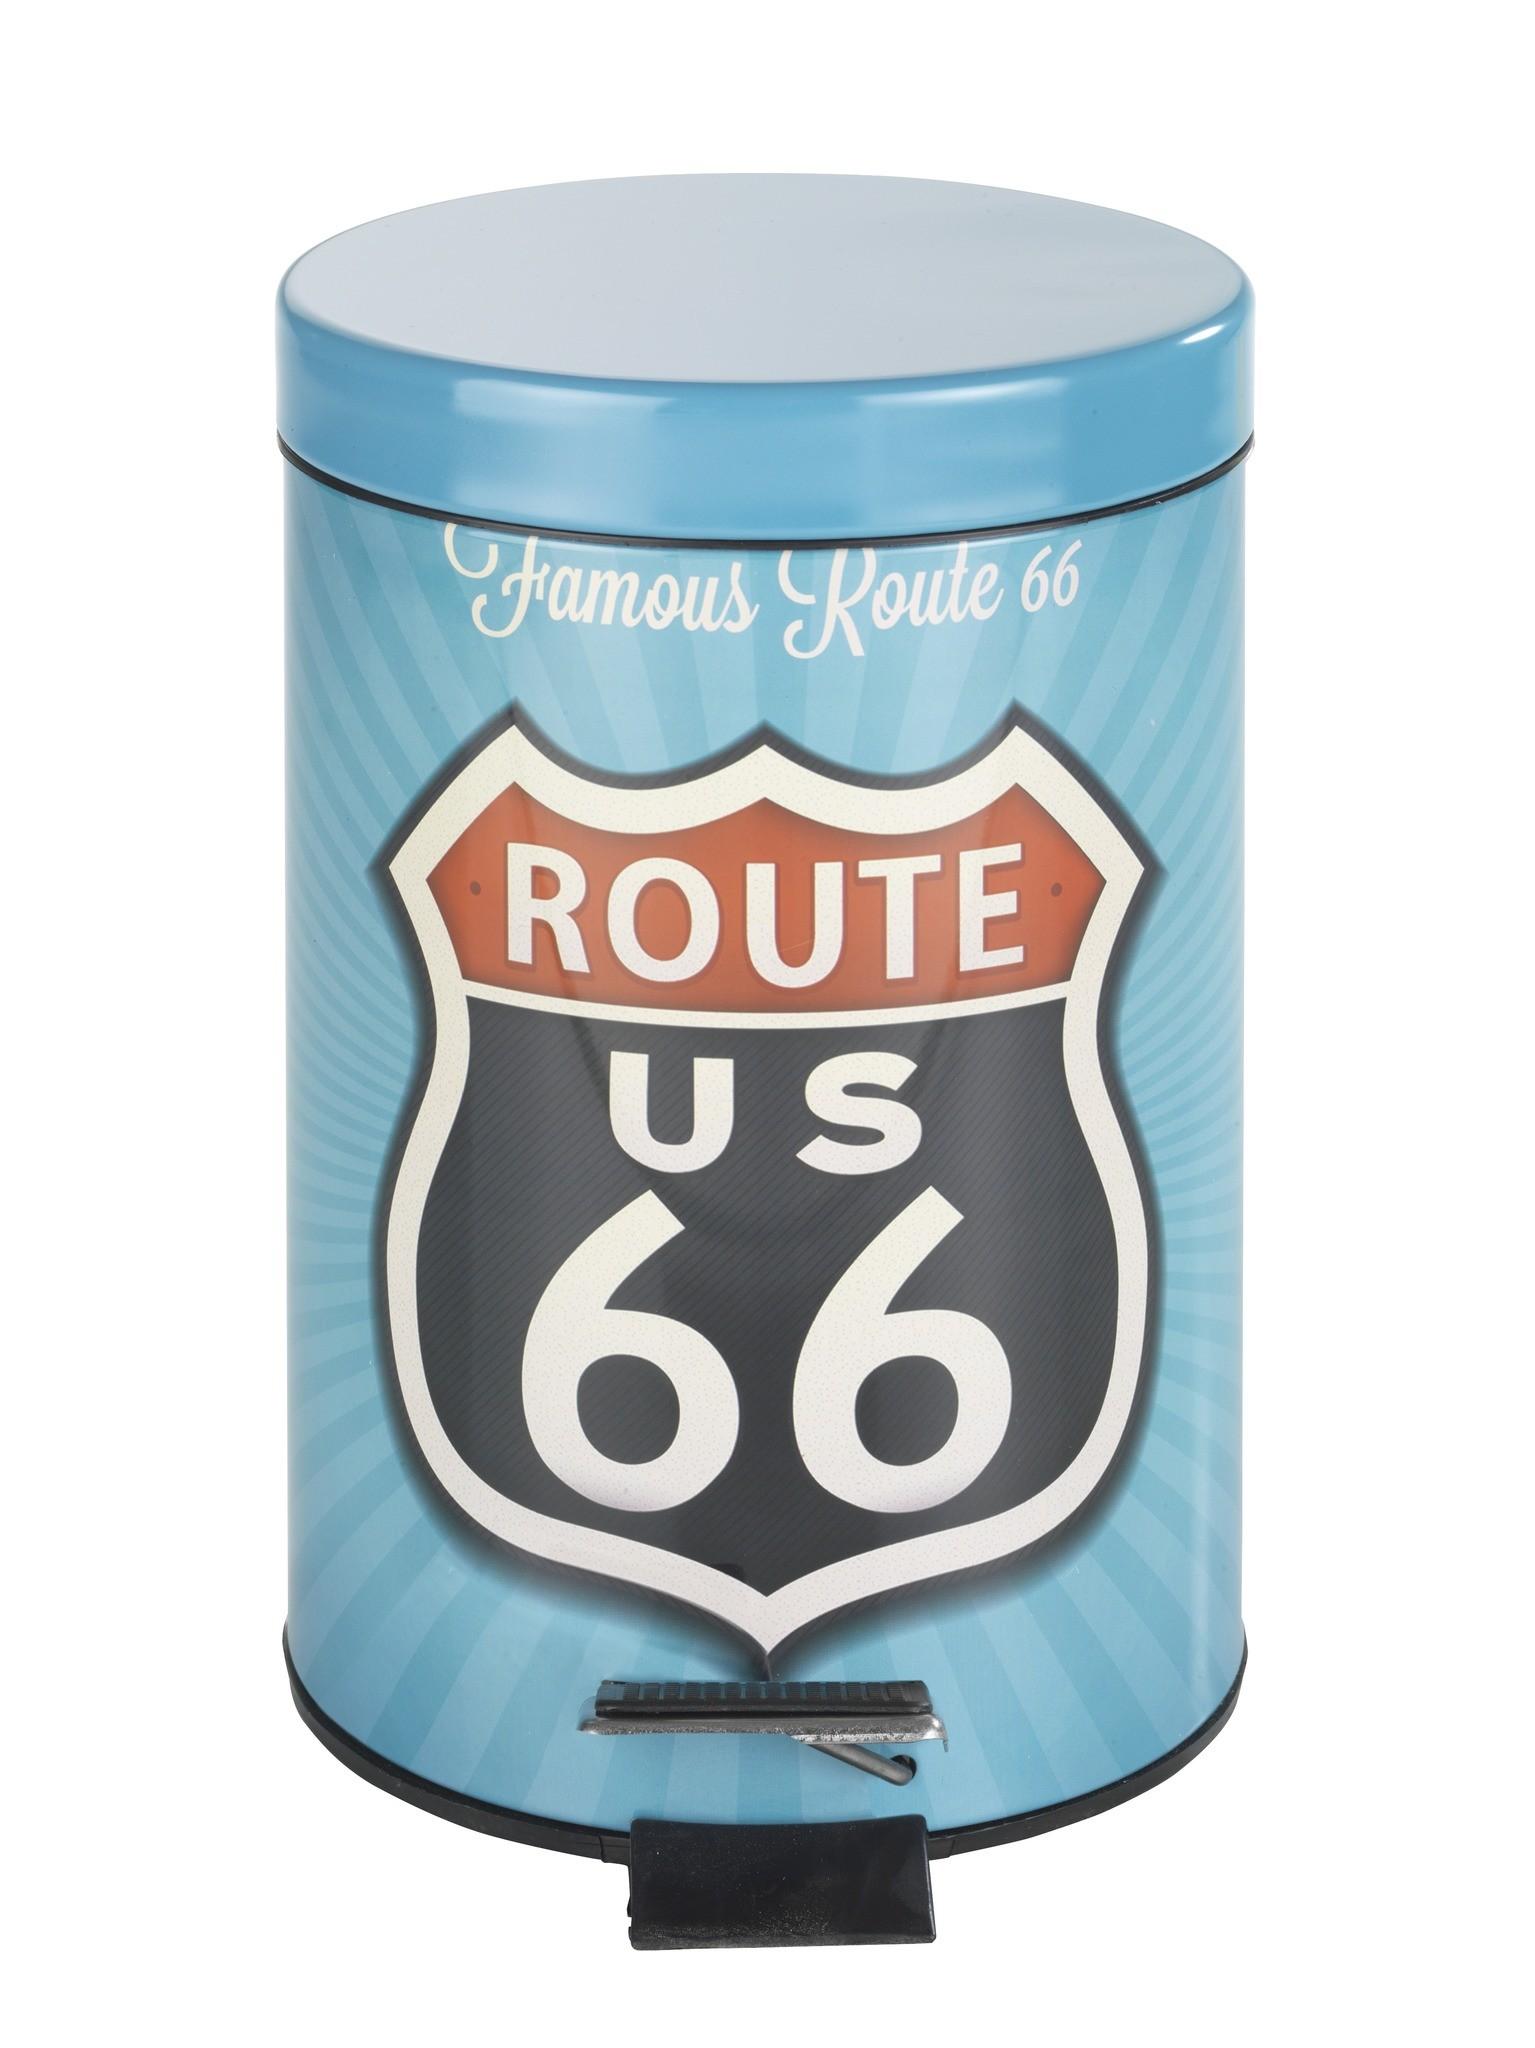 Kosmetik Treteimer Vintage Route 66, 3 Liter